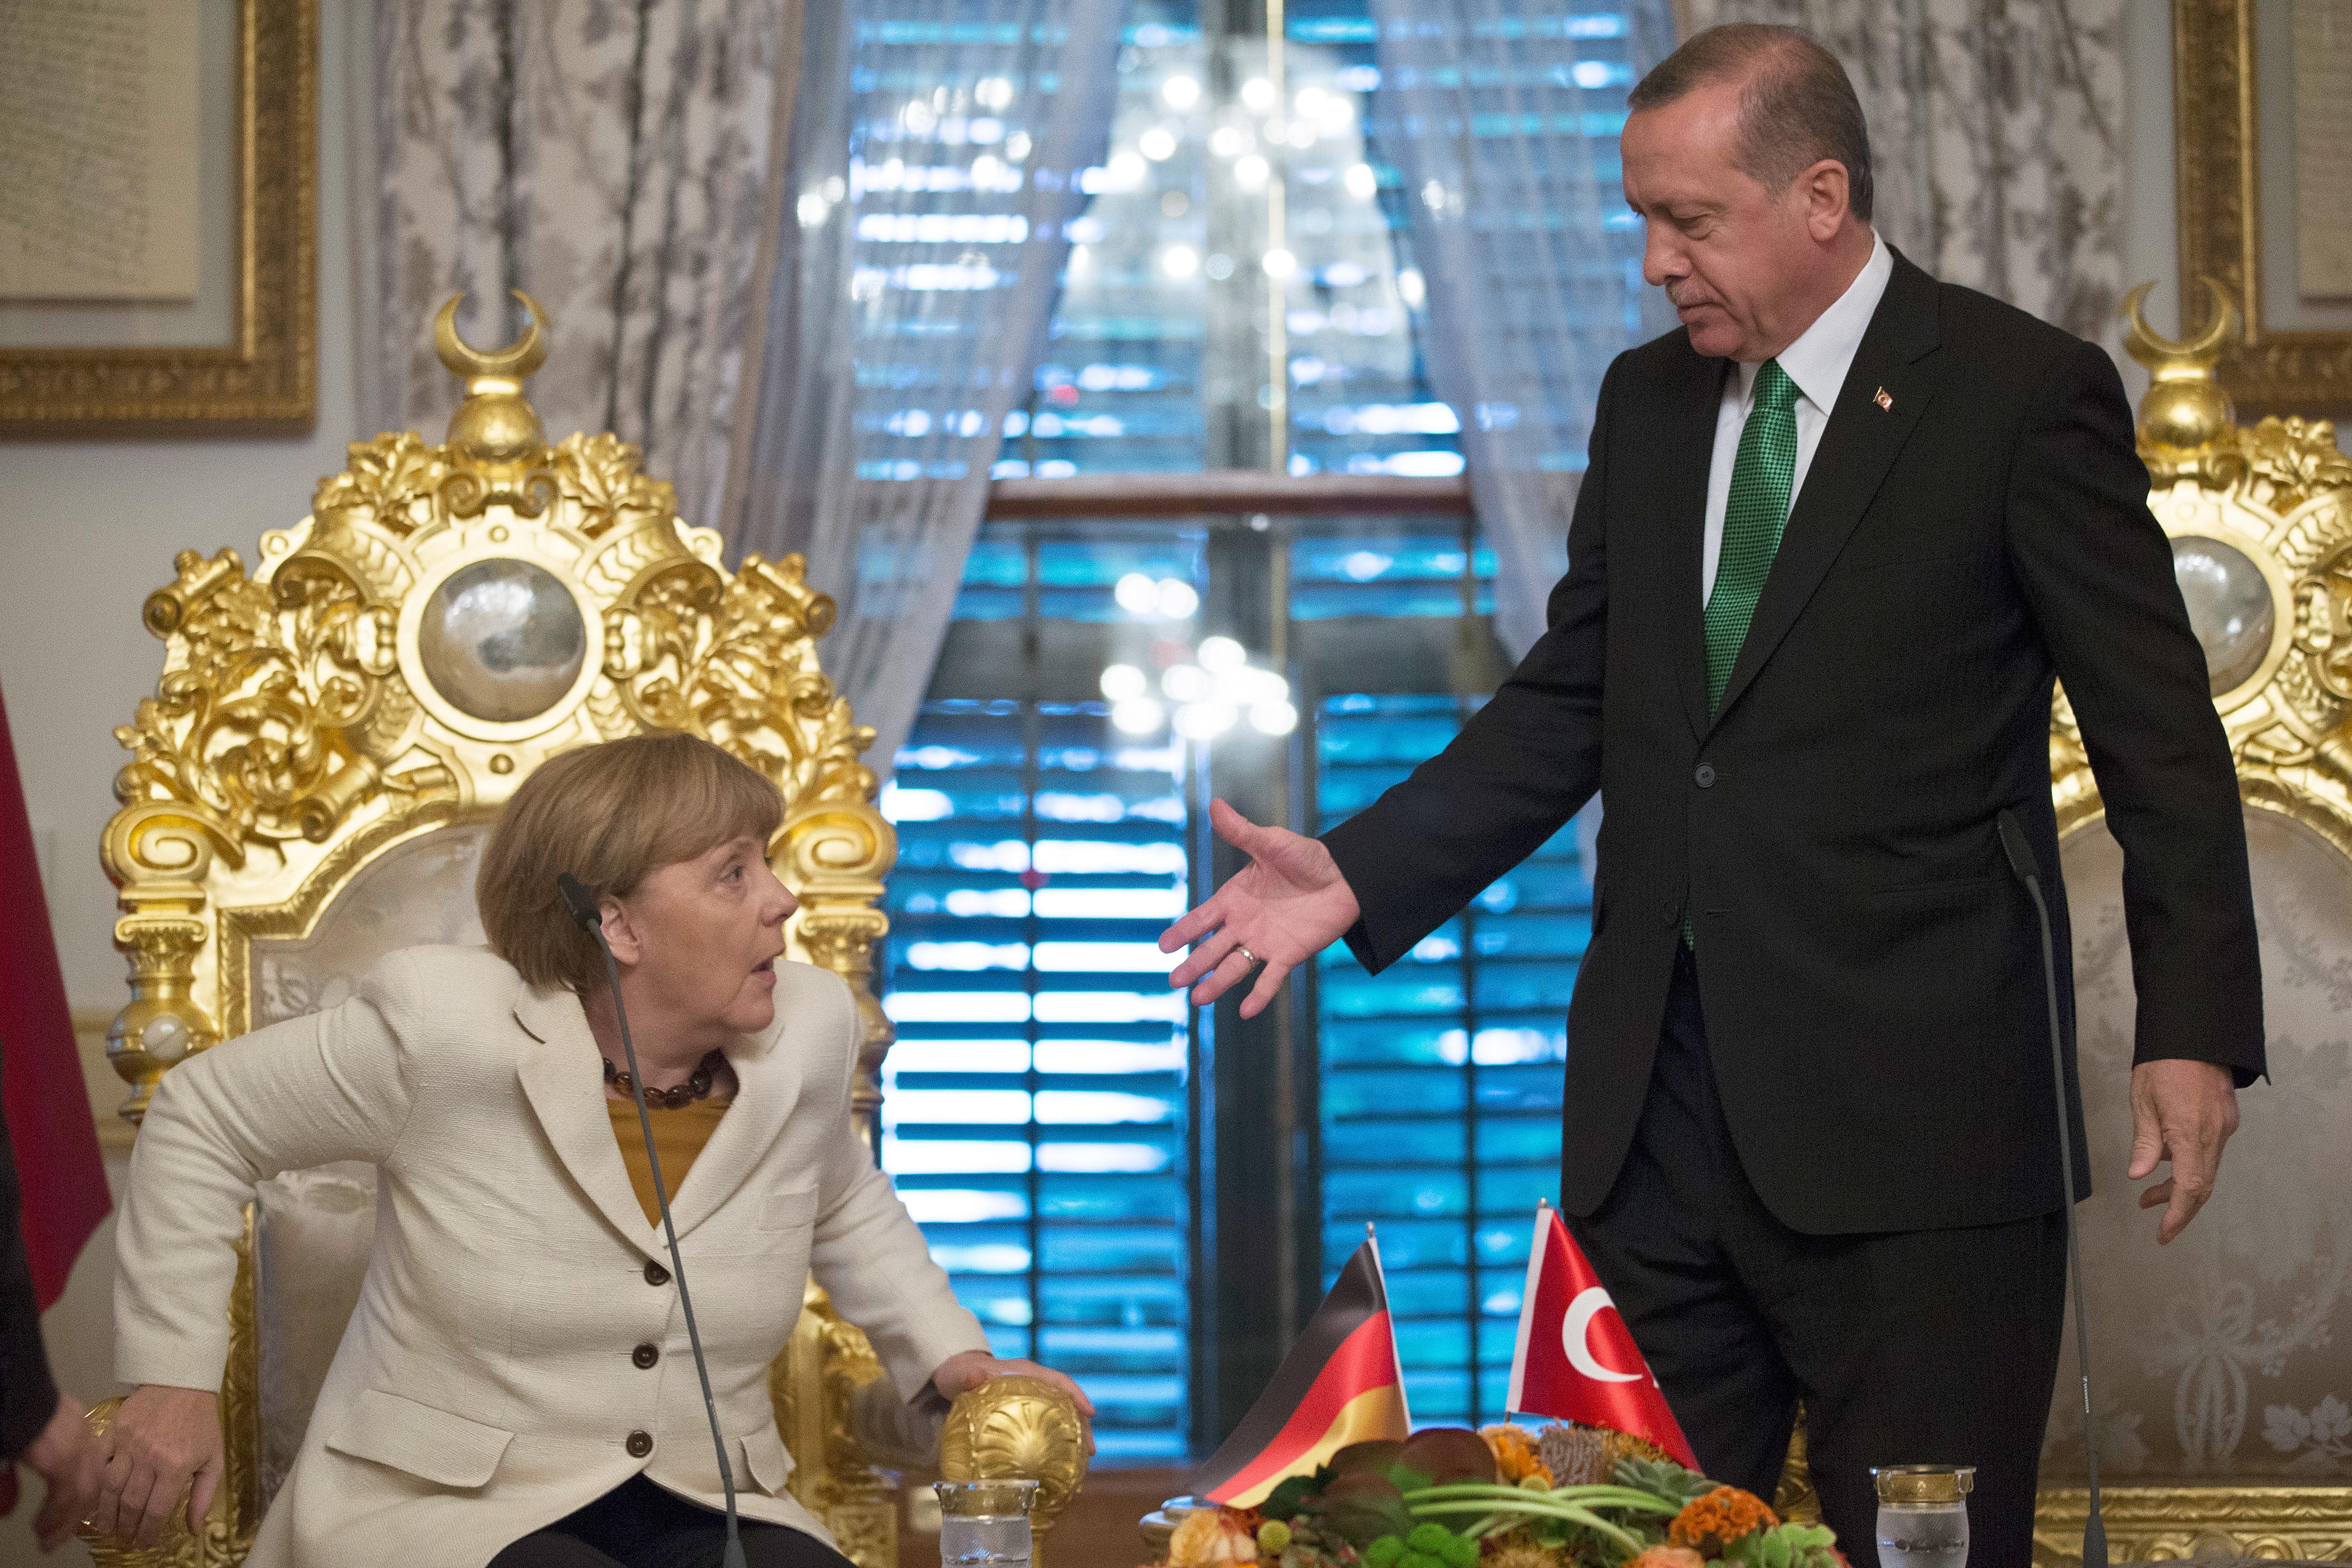 Fél év alatt megbukhat a menekültalku, ha a németek és a törökök tovább izmoznak egymással